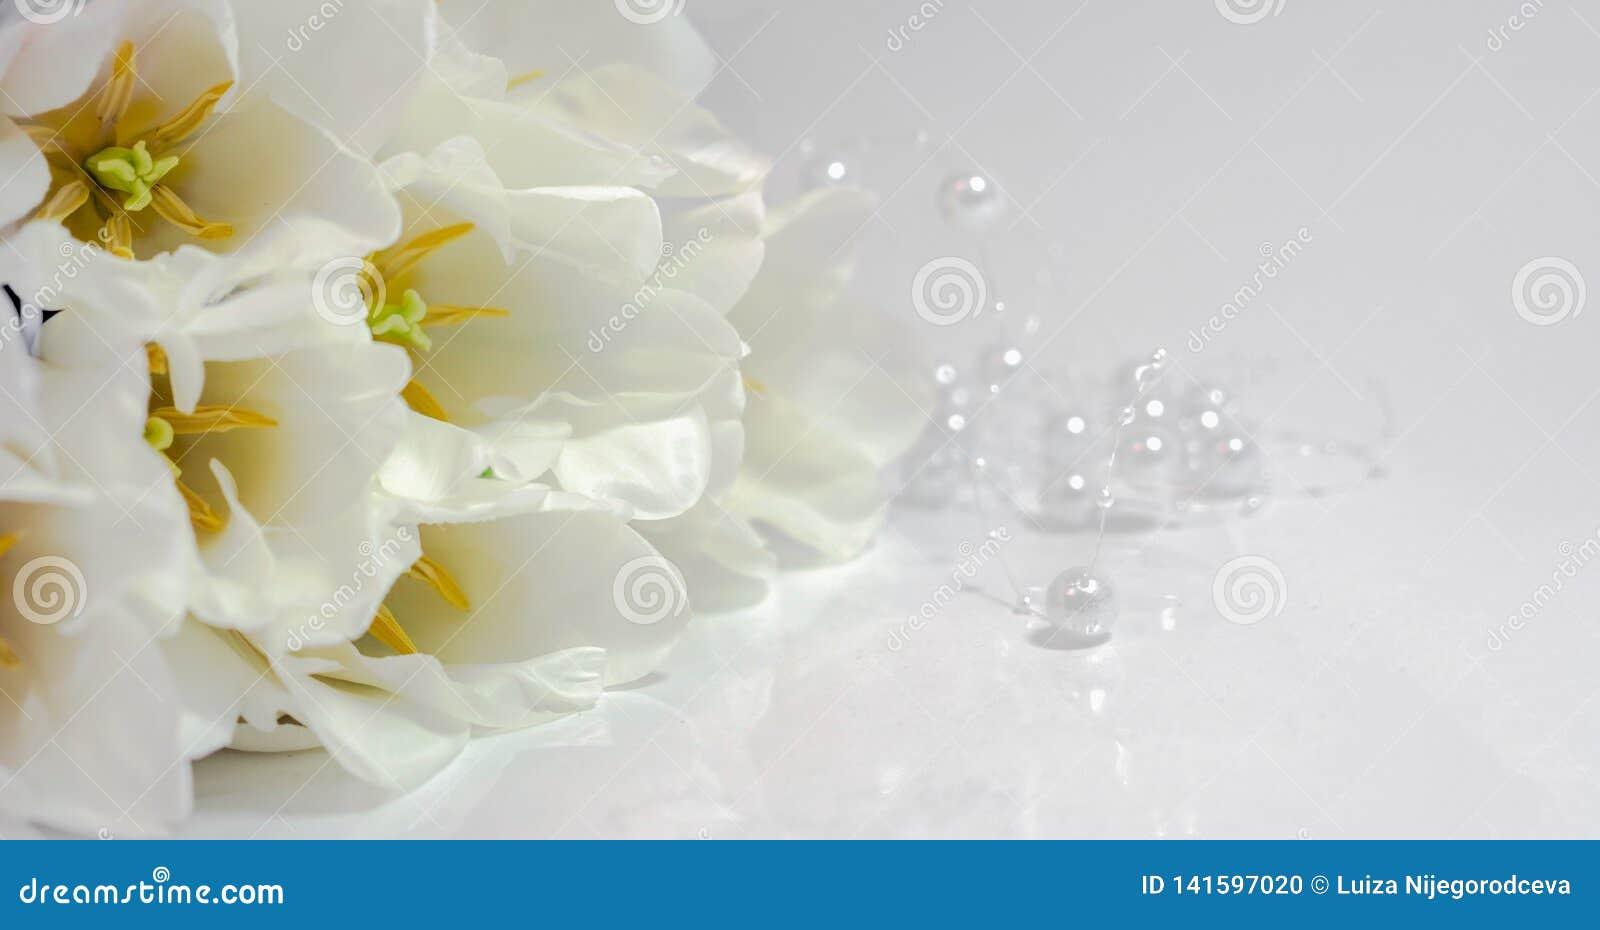 Ανθοδέσμη των άσπρων τουλιπών με τις άσπρες χάντρες σε έναν άσπρο πίνακα